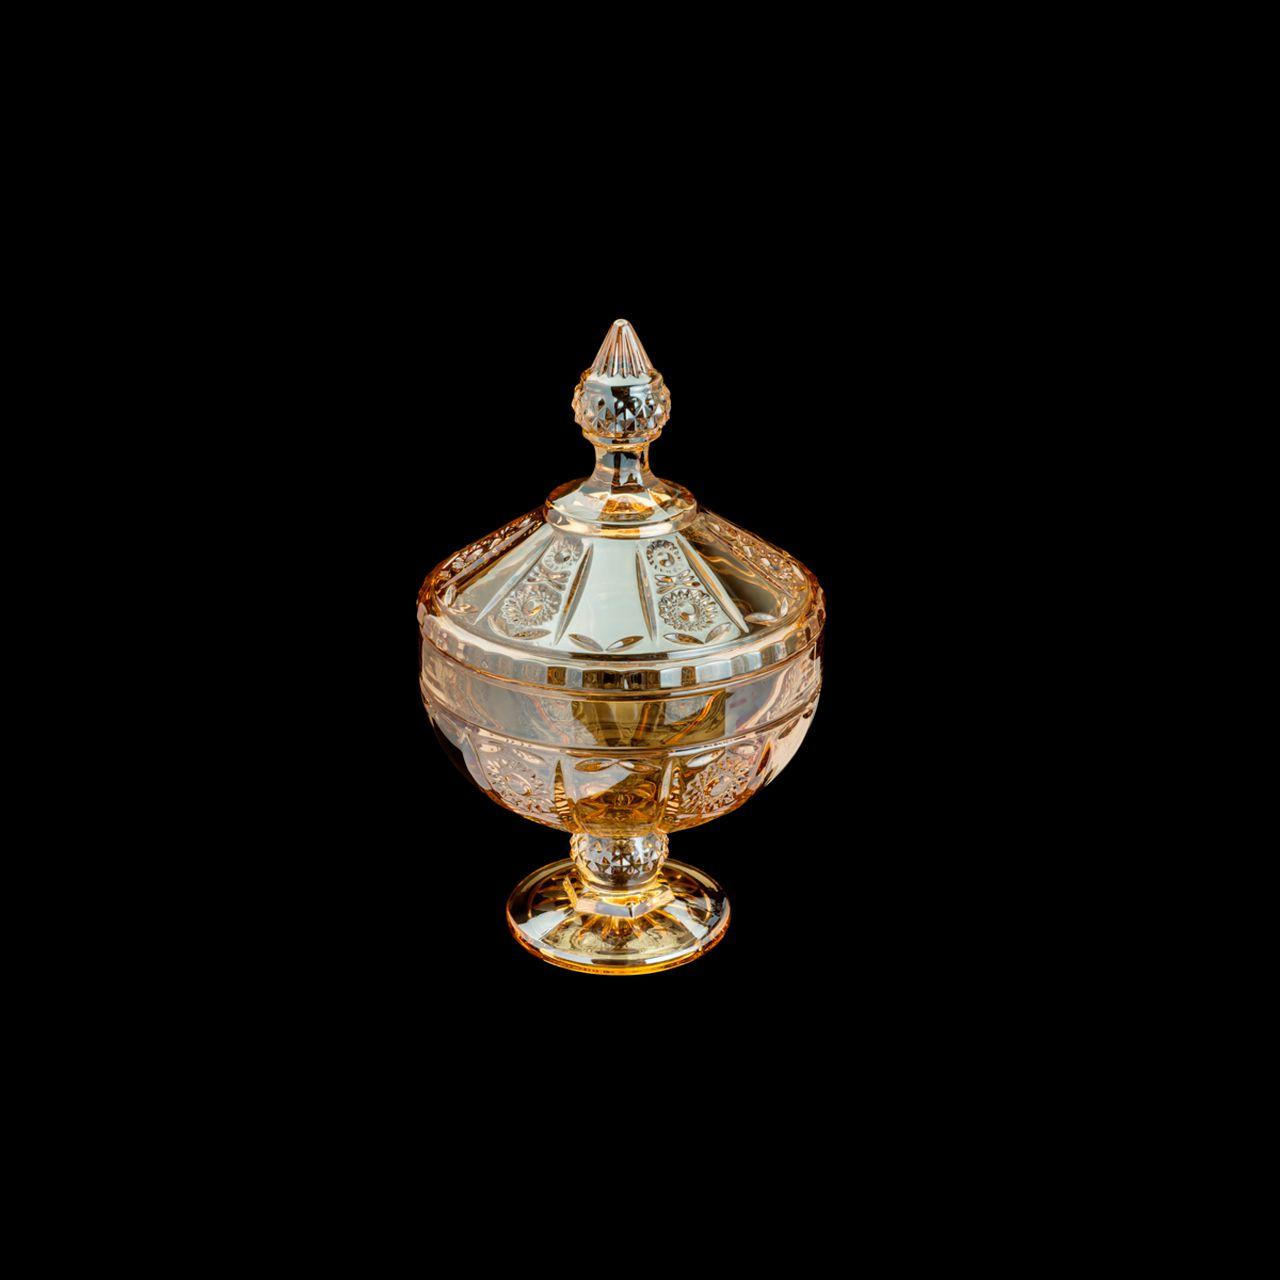 Bomboniere 24 cm de cristal âmbar com pé e tampa Belle Wolff - 35190